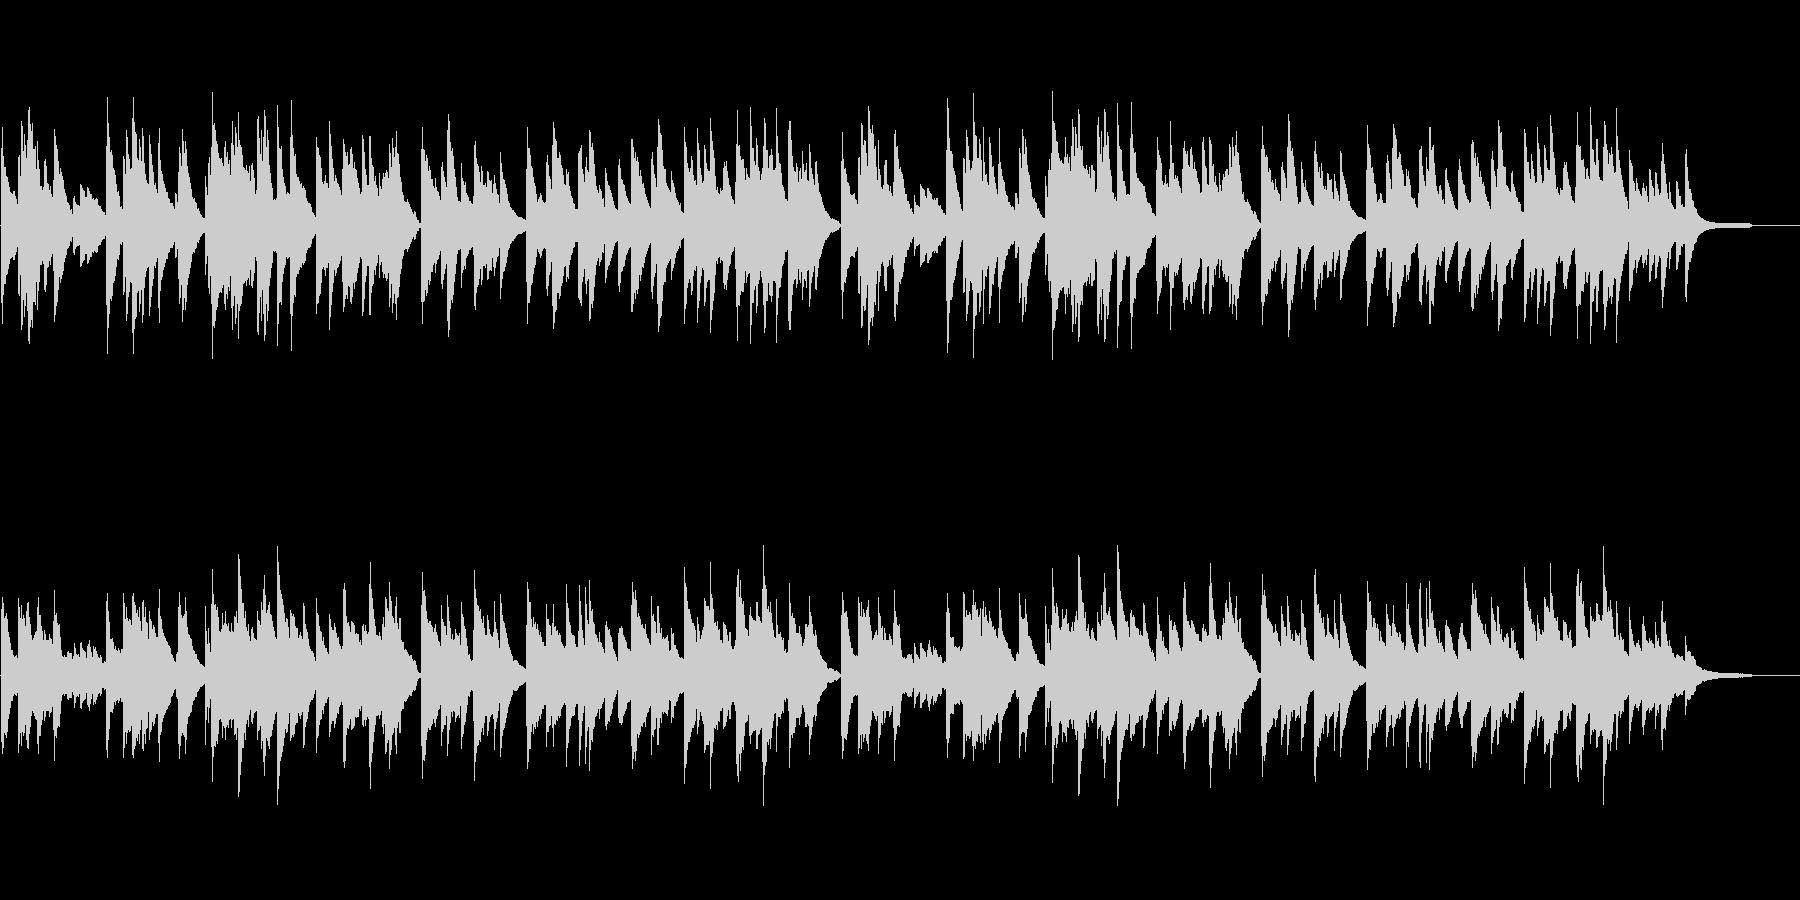 様々なシーンに映えるシンプルなピアノ曲の未再生の波形